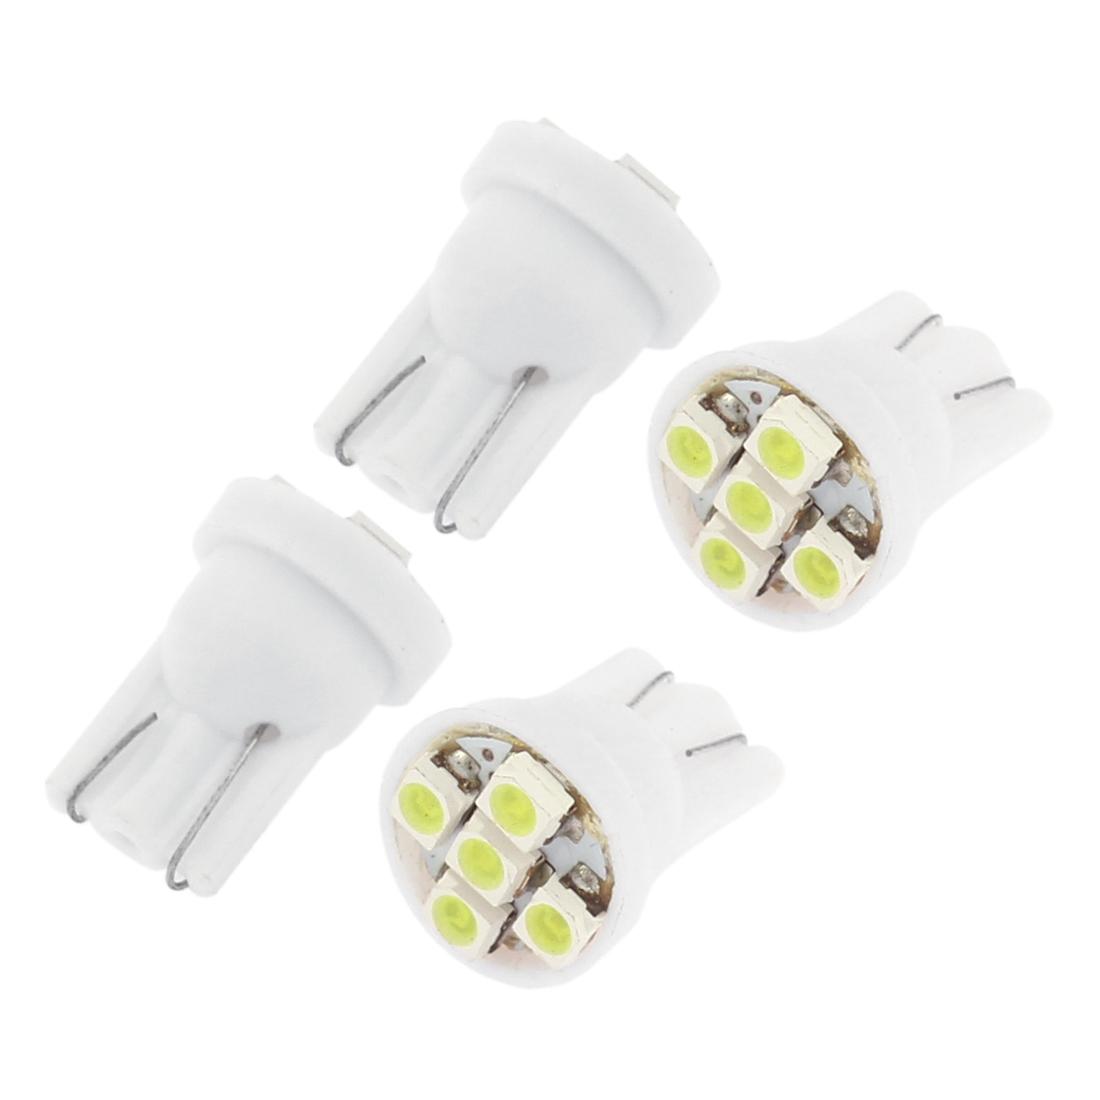 4 Pcs White T10 1210 SMD 5 LED 194 168 147 W5W 2652 2921 2825 Car Light Lamp Bulb Interior